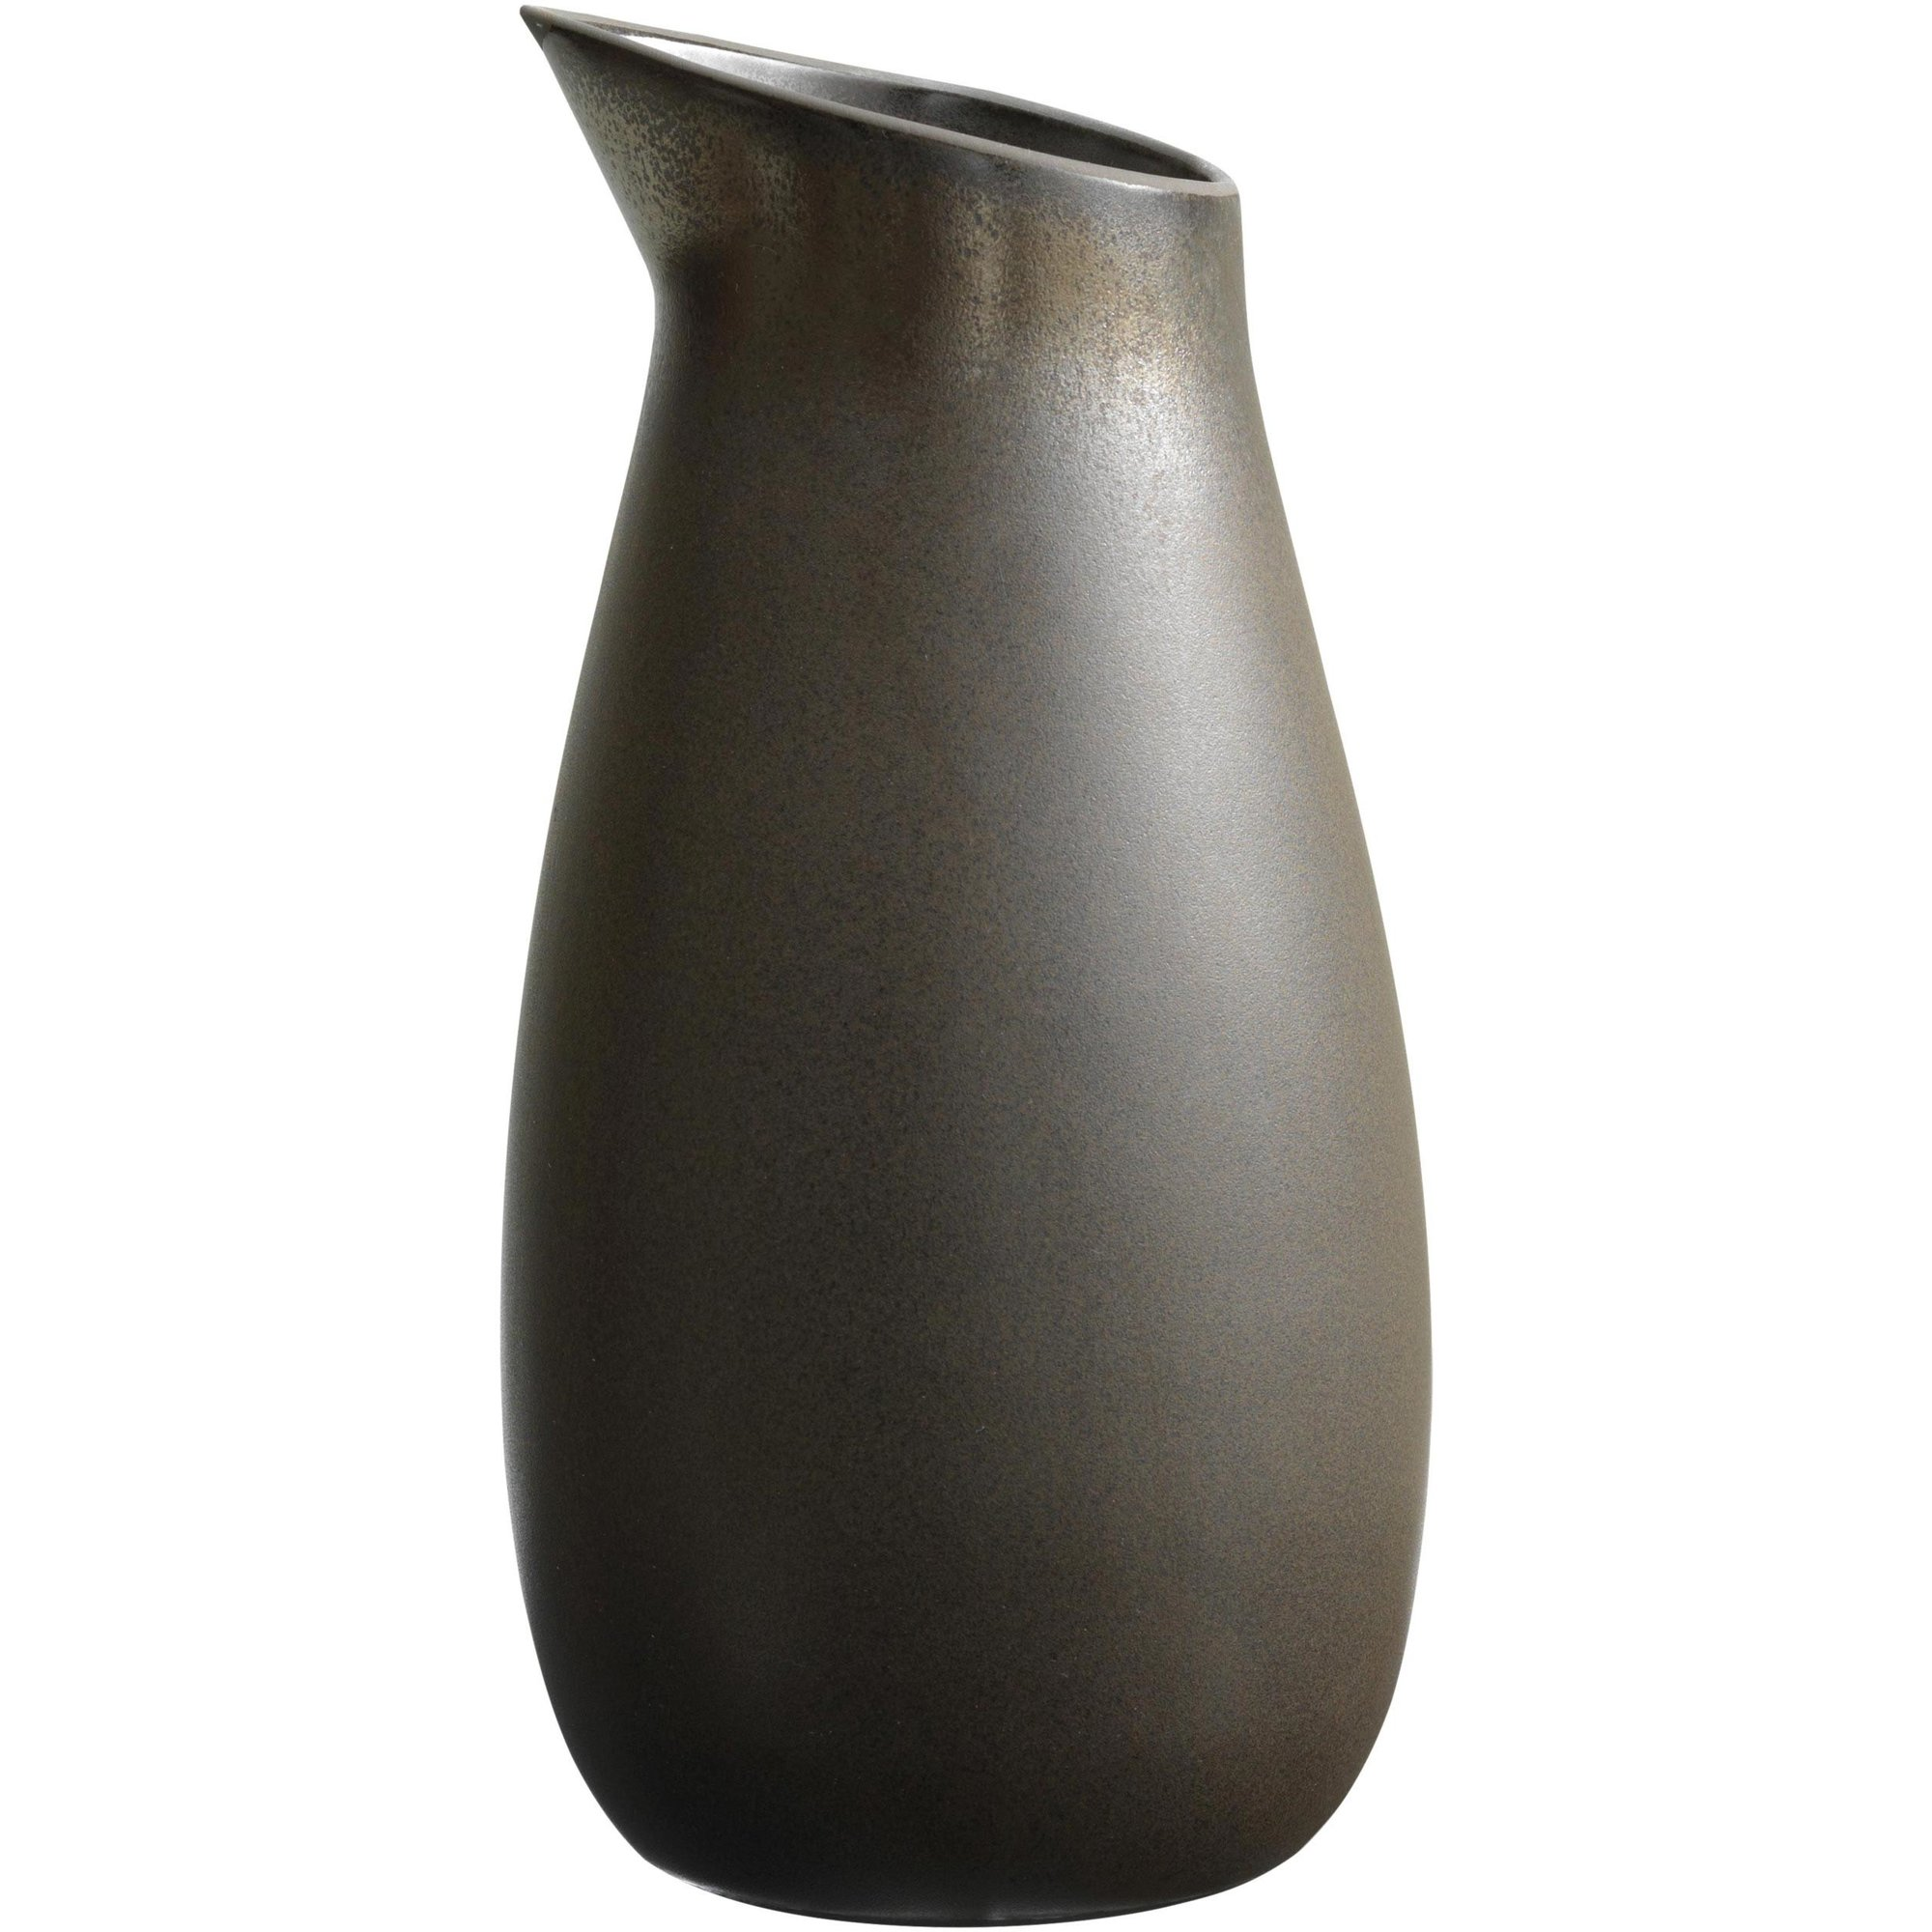 Aida RAW vattenkaraff metallisk brun 12 L.